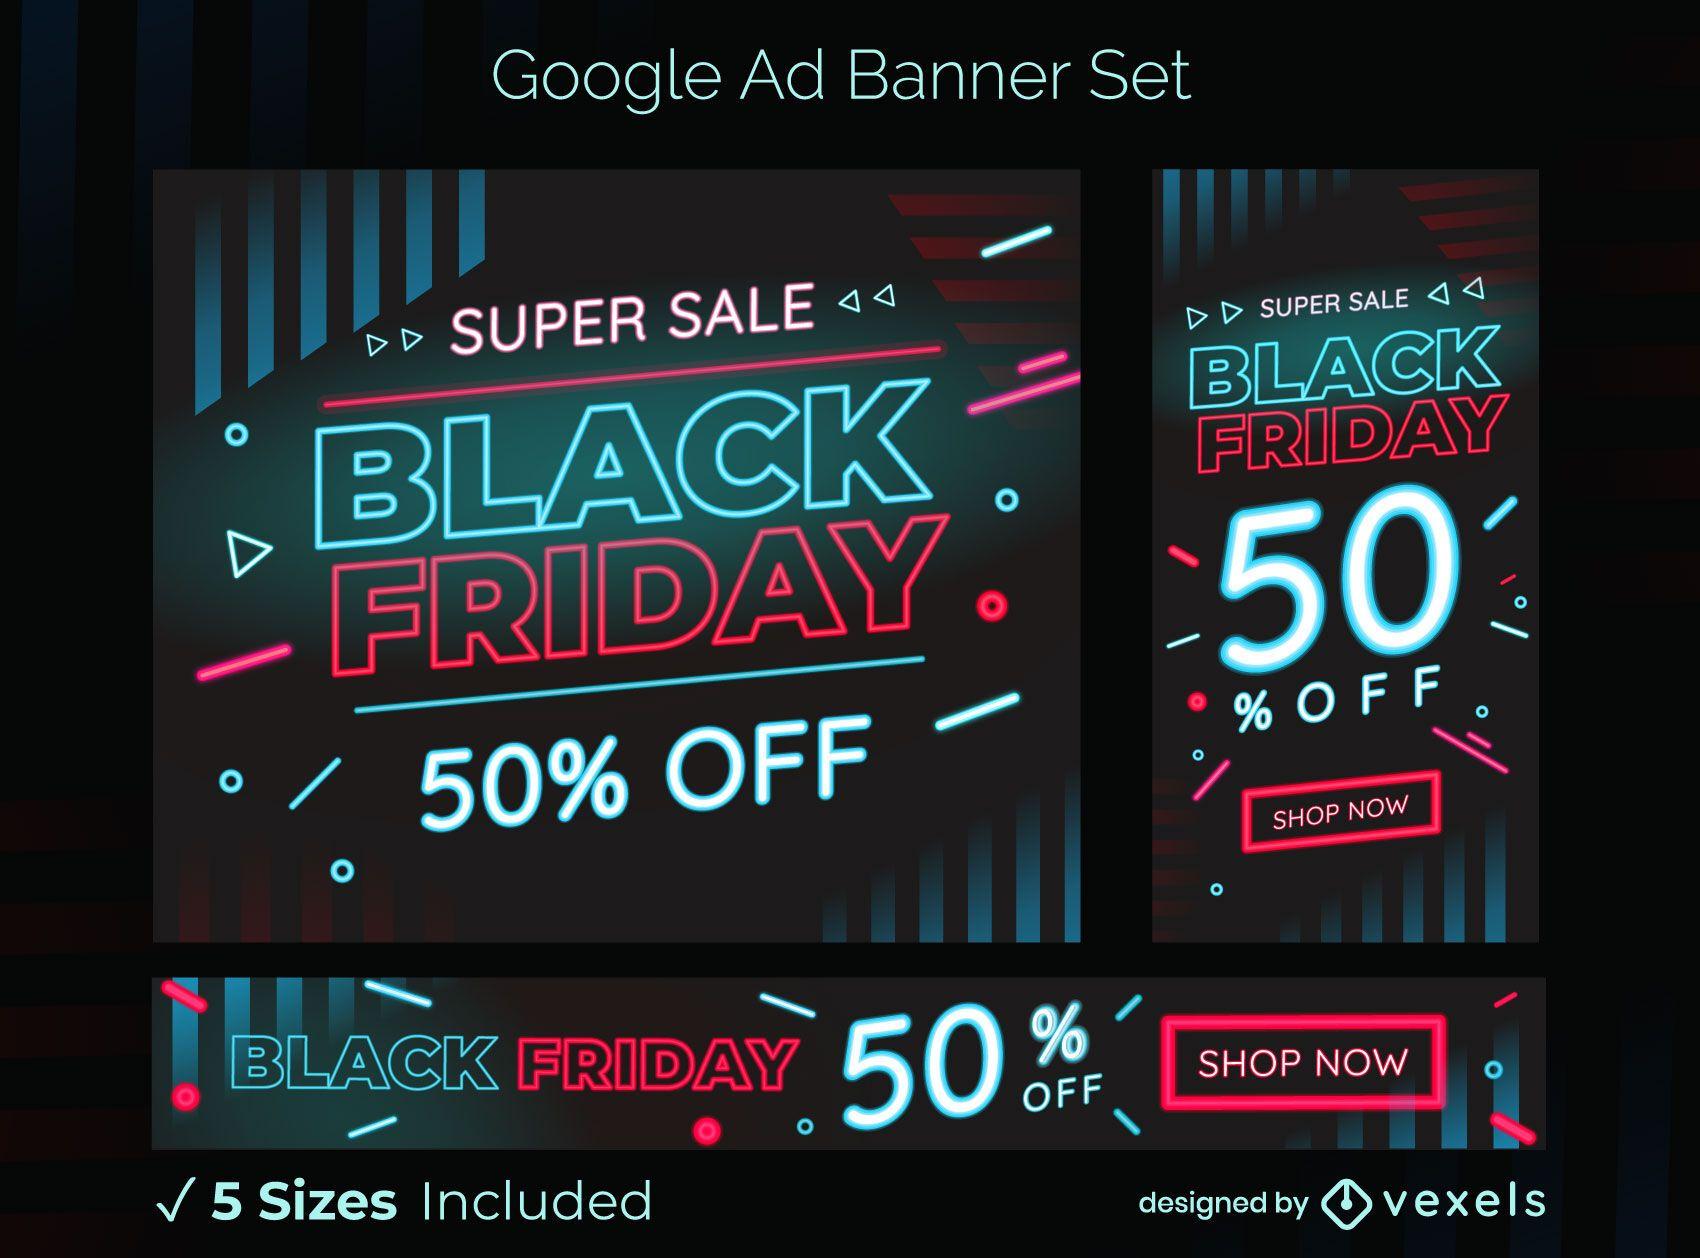 Conjunto de banners de an?ncios do Google para venda na sexta-feira negra